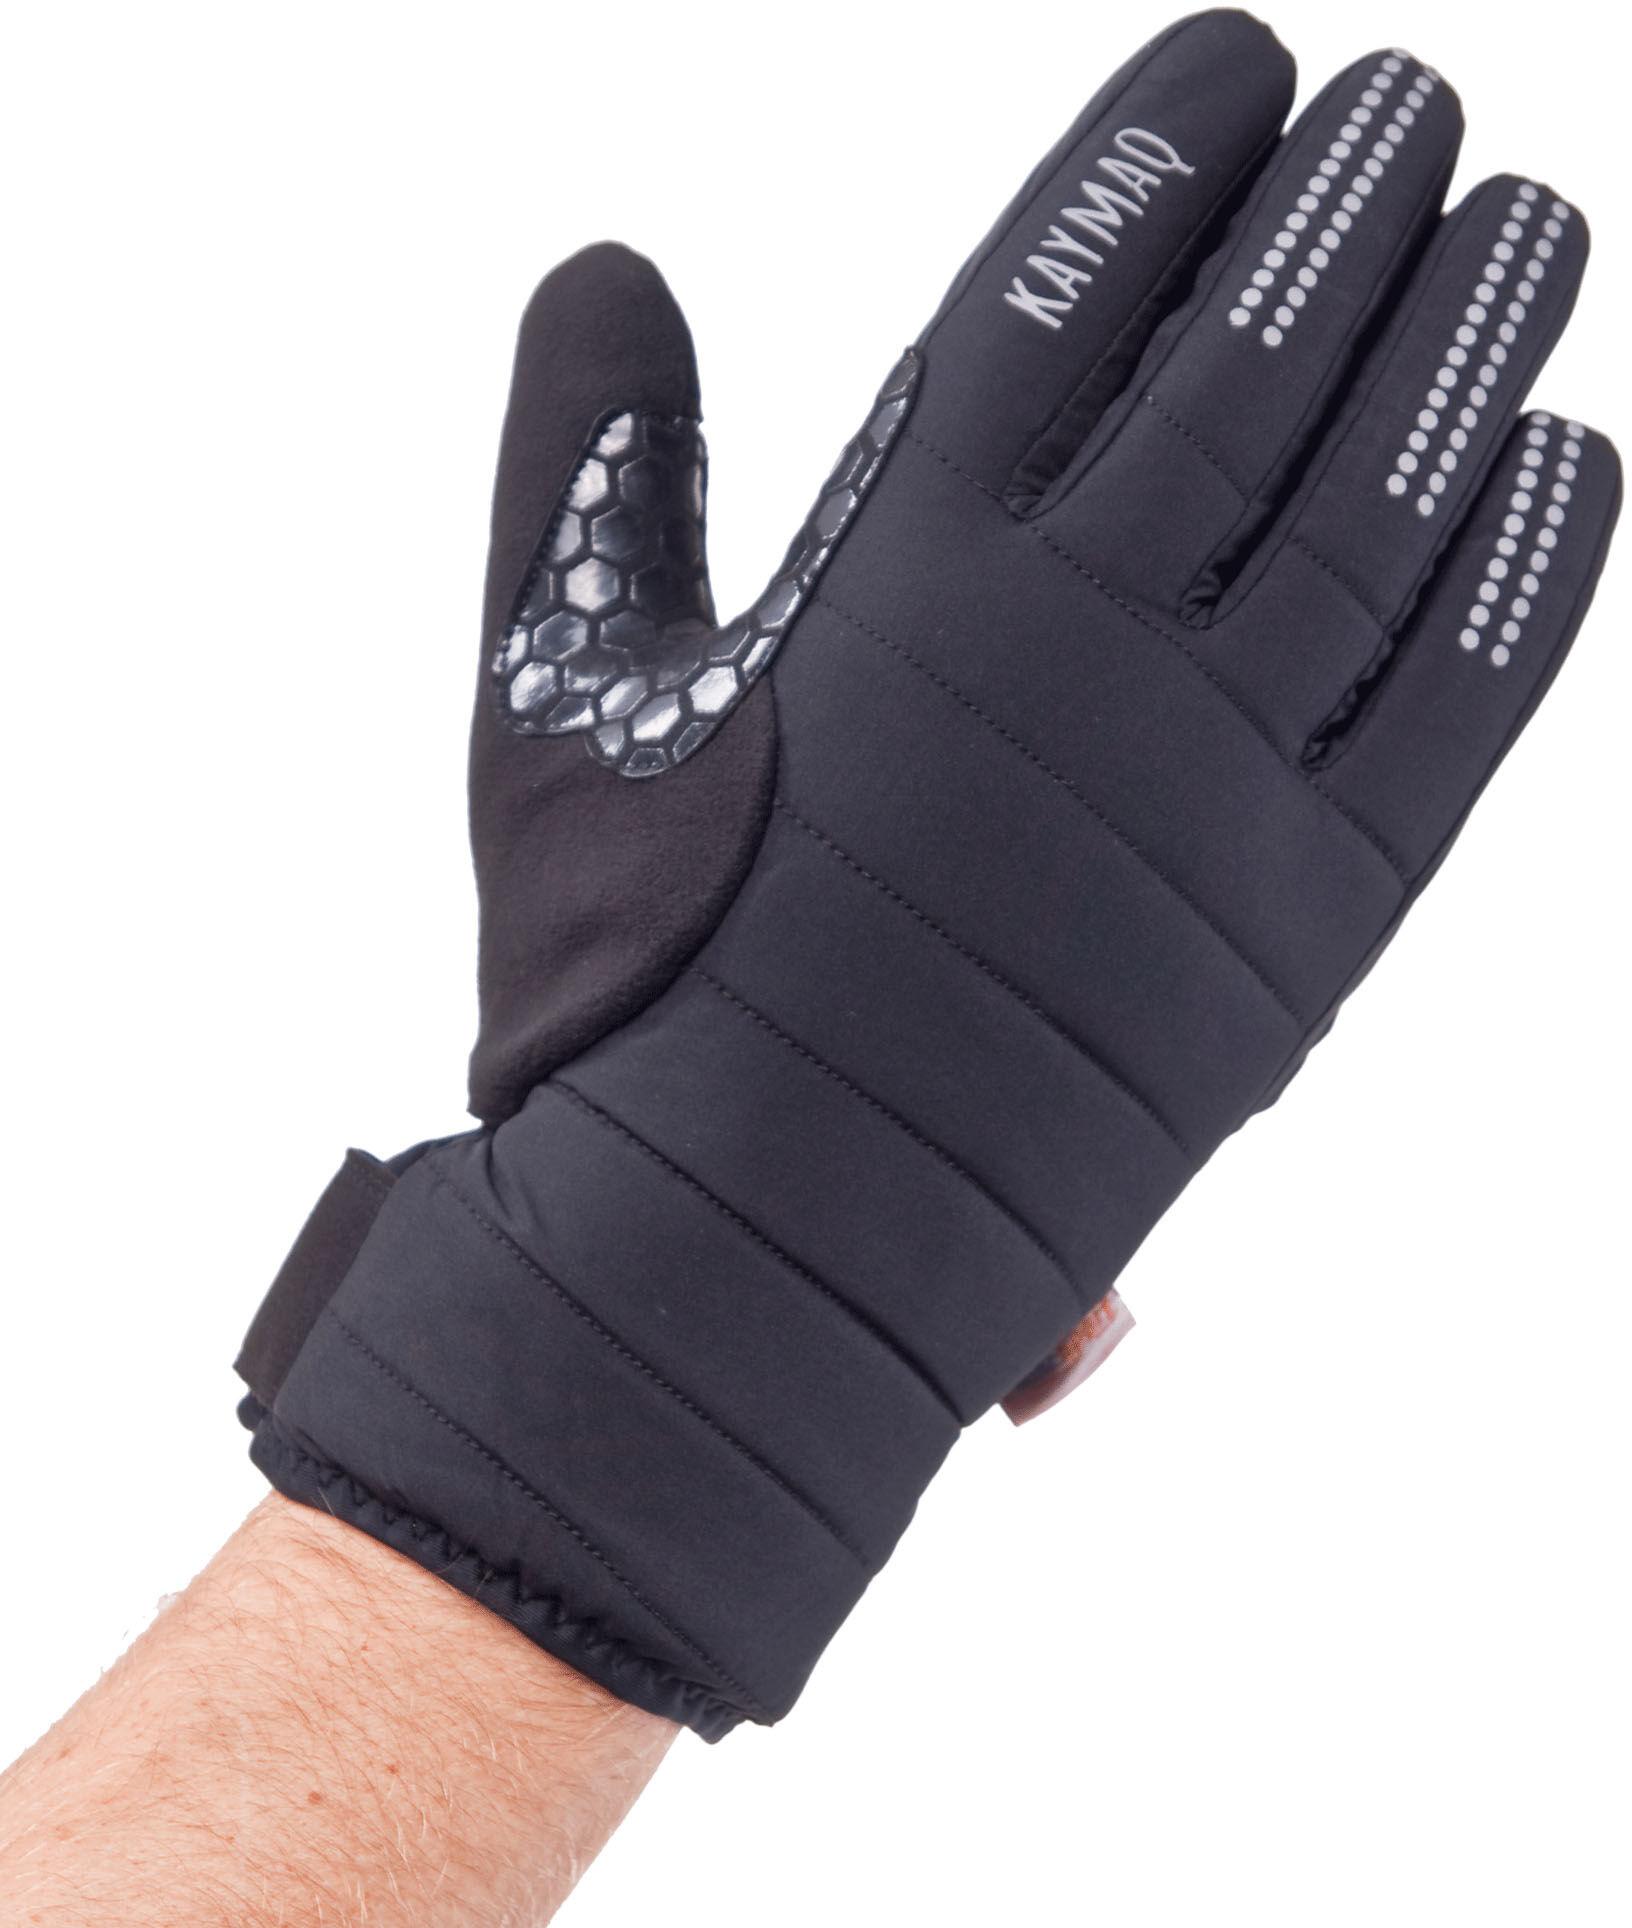 KAYMAQ zimowe rękawiczki rowerowe, czarny GLW-003 Rozmiar: M,KaymaqGLW-003blk